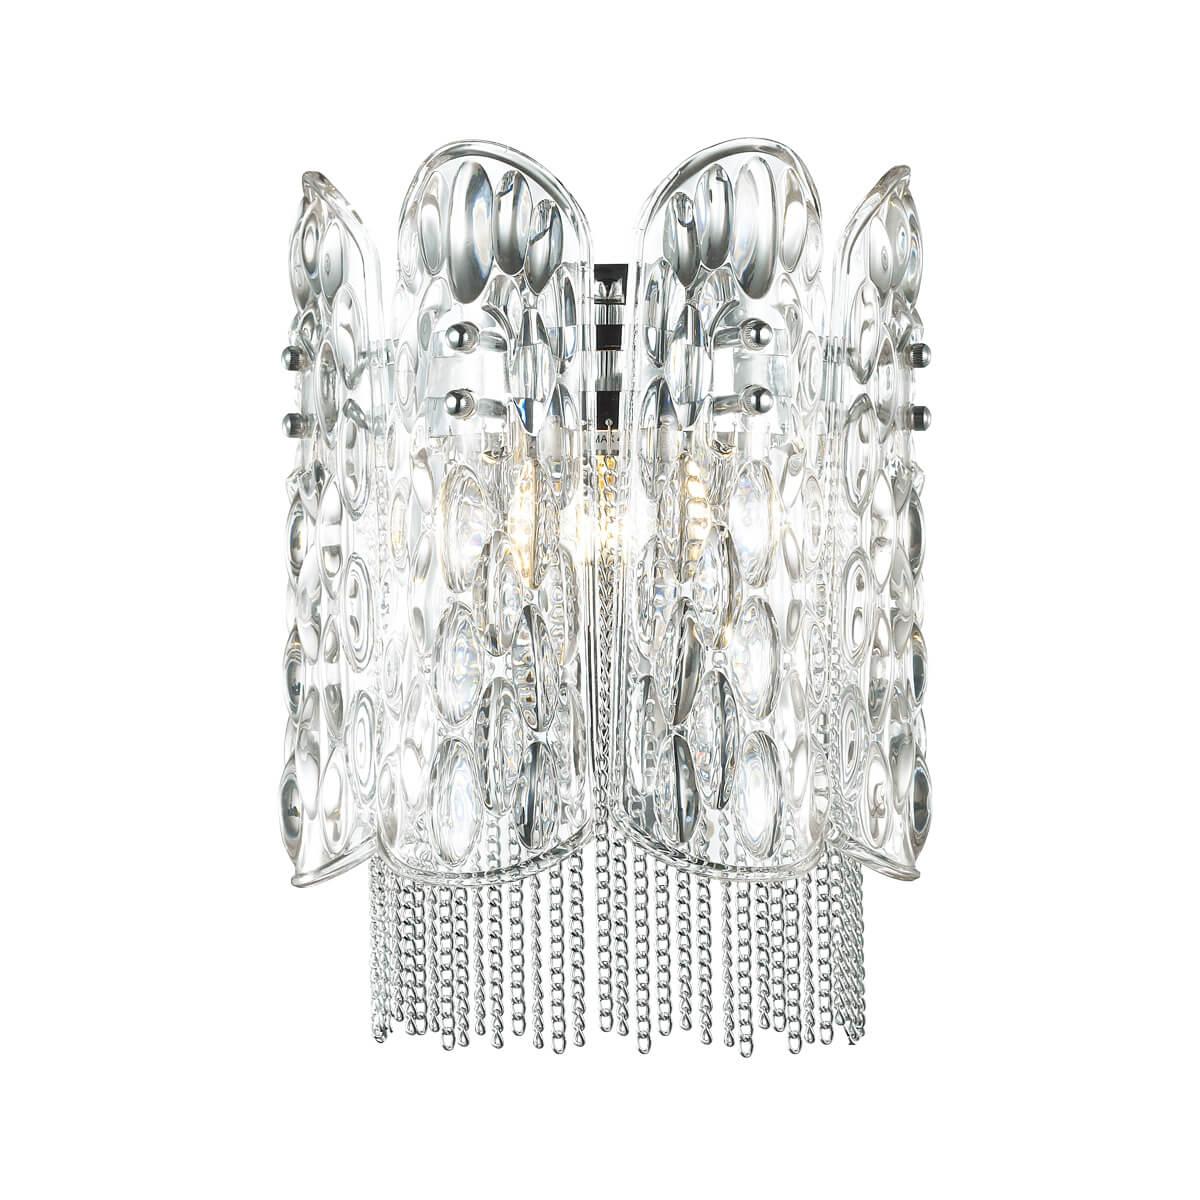 Настенный светильник Odeon Light Birta 4633/1W светильник настенный бра коллекция crea 2597 1w хром прозрачный odeon light одеон лайт